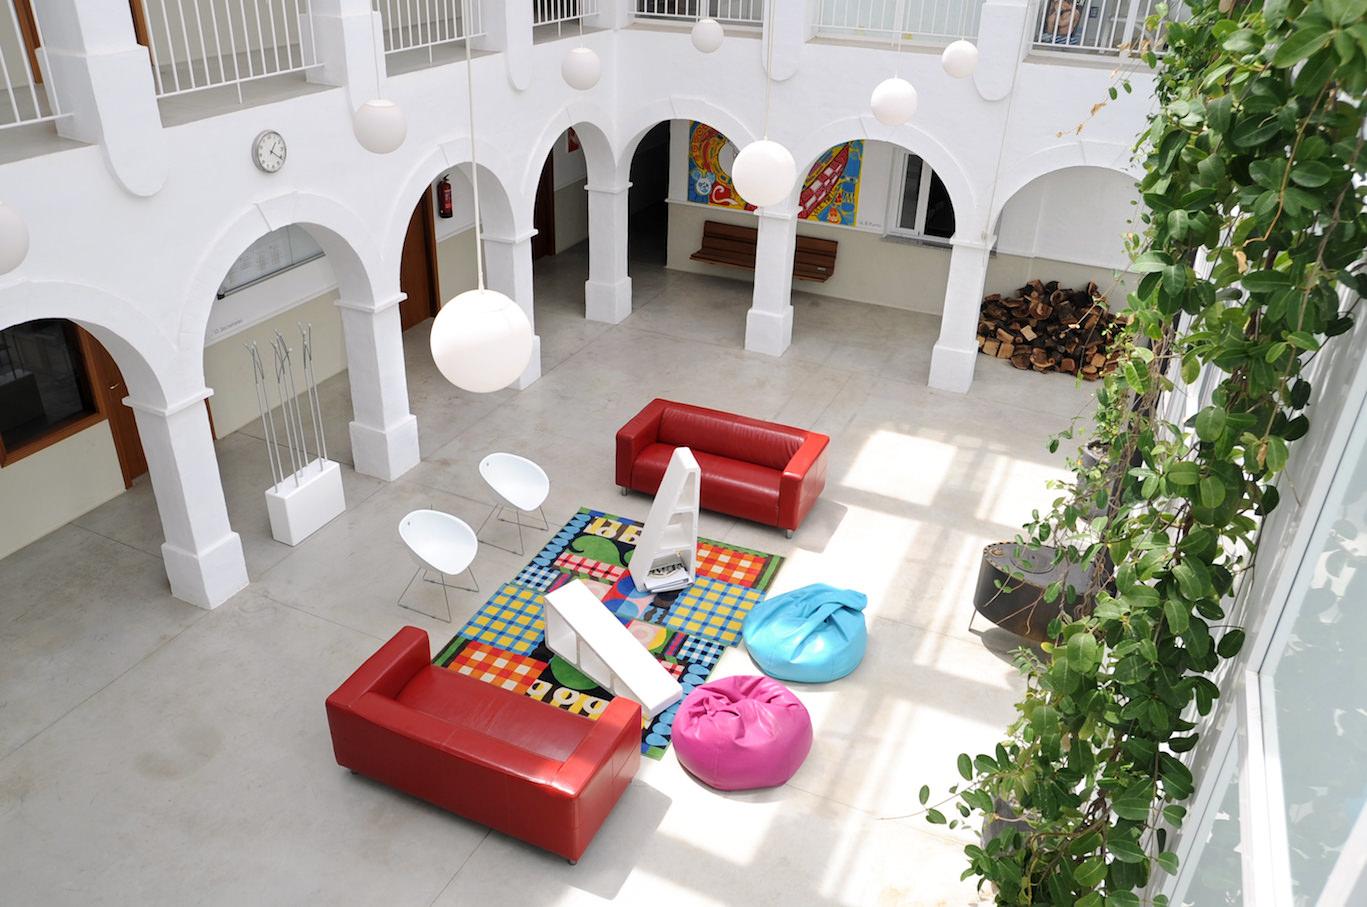 ESPANJAAN OPISKELEMAAN GRAAFISTA SUUNNITTELUA! Marbella Design Academy. Espanjaan yliopistoon.